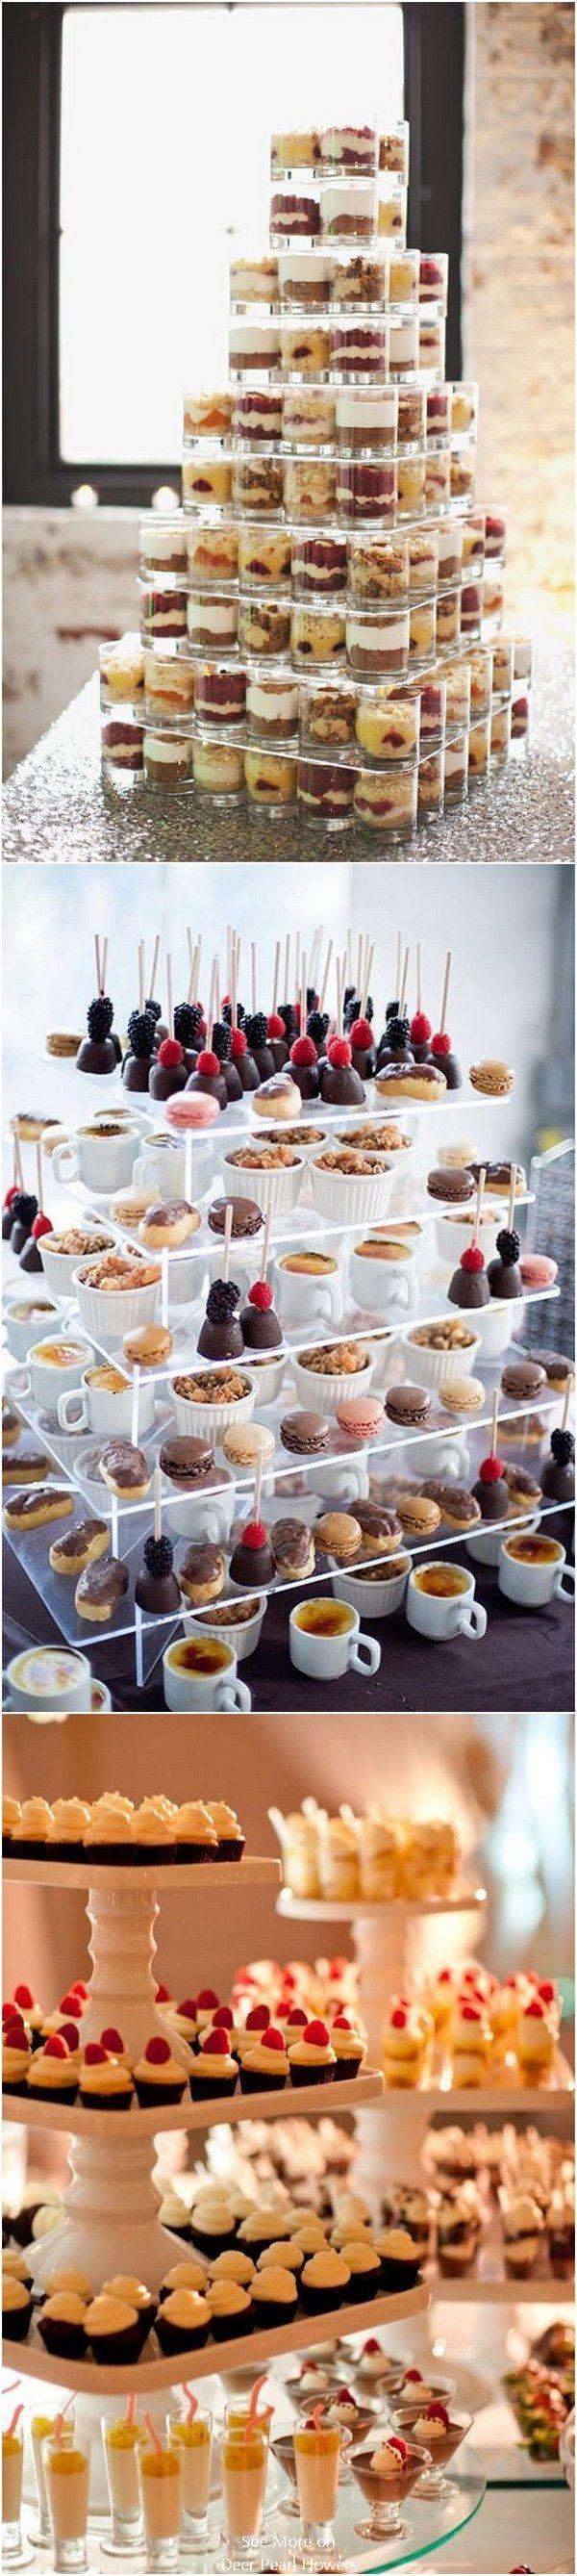 mini wedding dessert ideas / http://www.deerpearlflowers.com/wedding-mini-desserts/